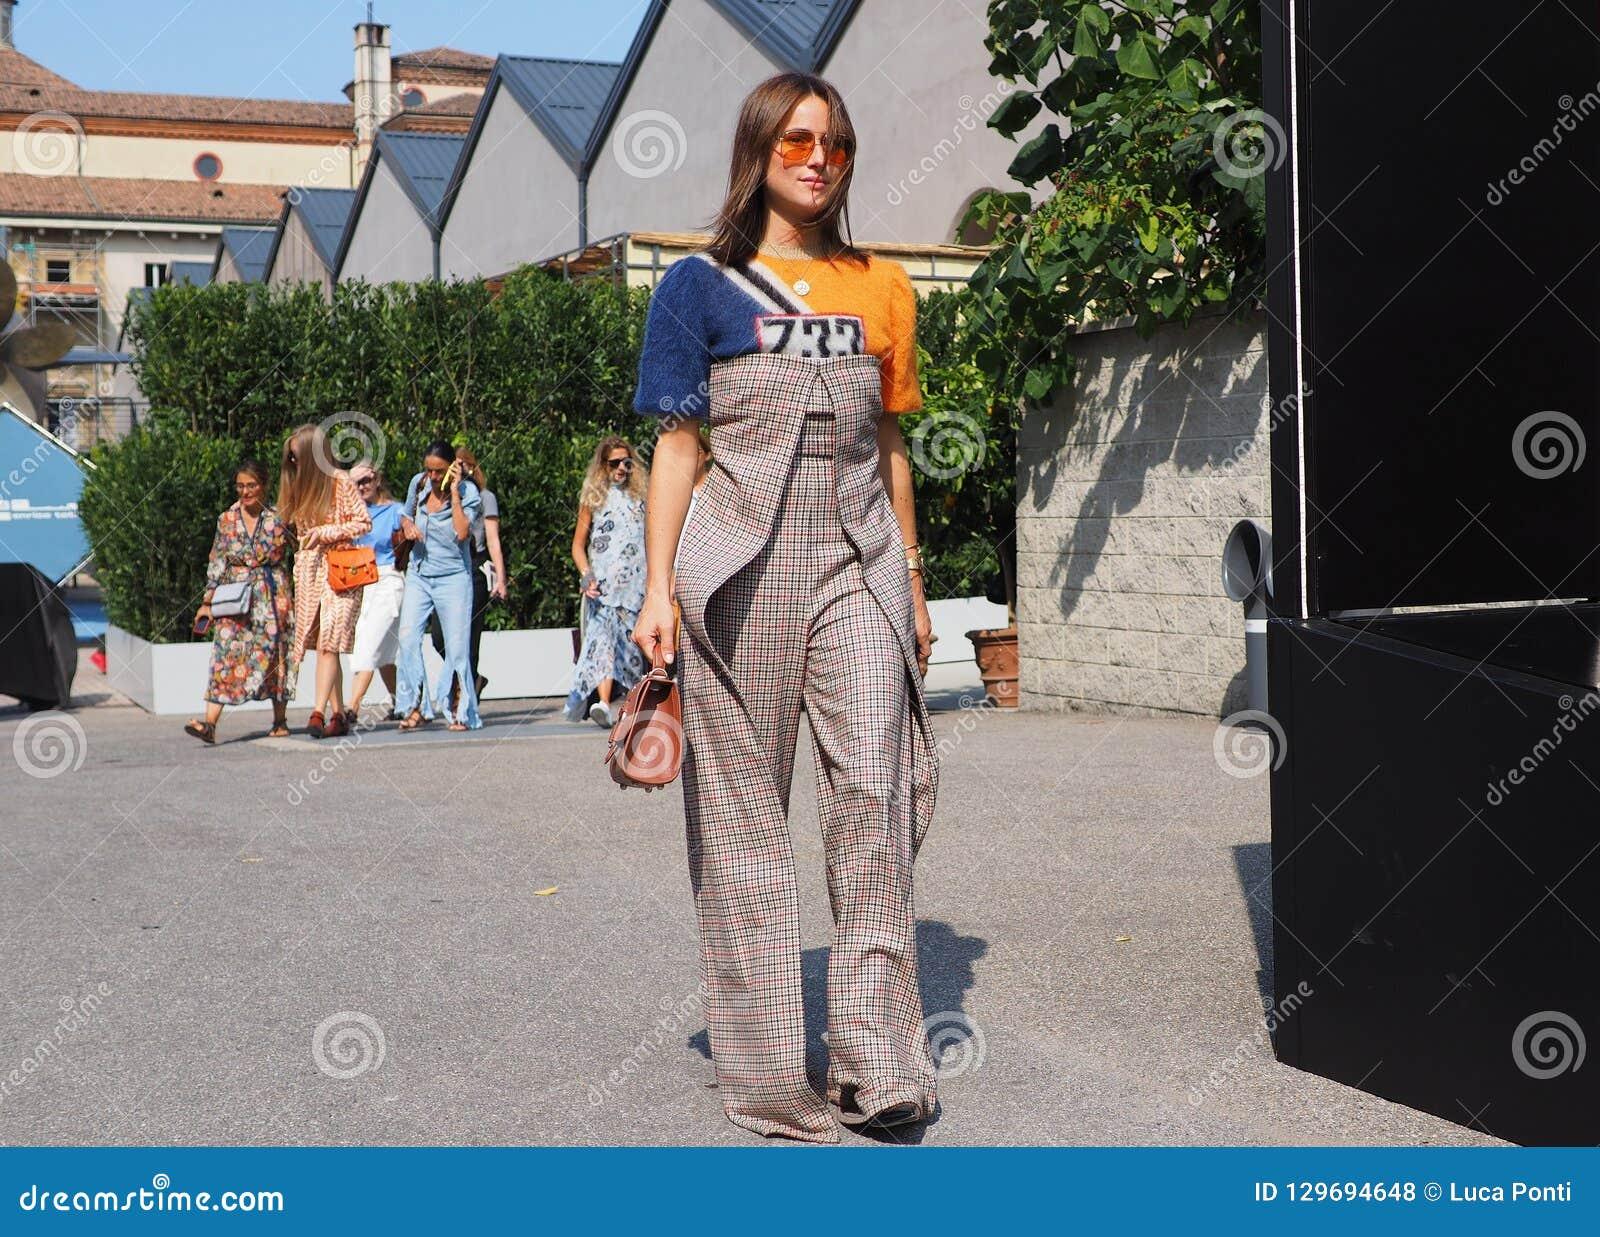 super popular c68c2 1c796 MILÁN, Italia 22 DE SEPTIEMBRE: Blogger De La Moda En Equipo ...